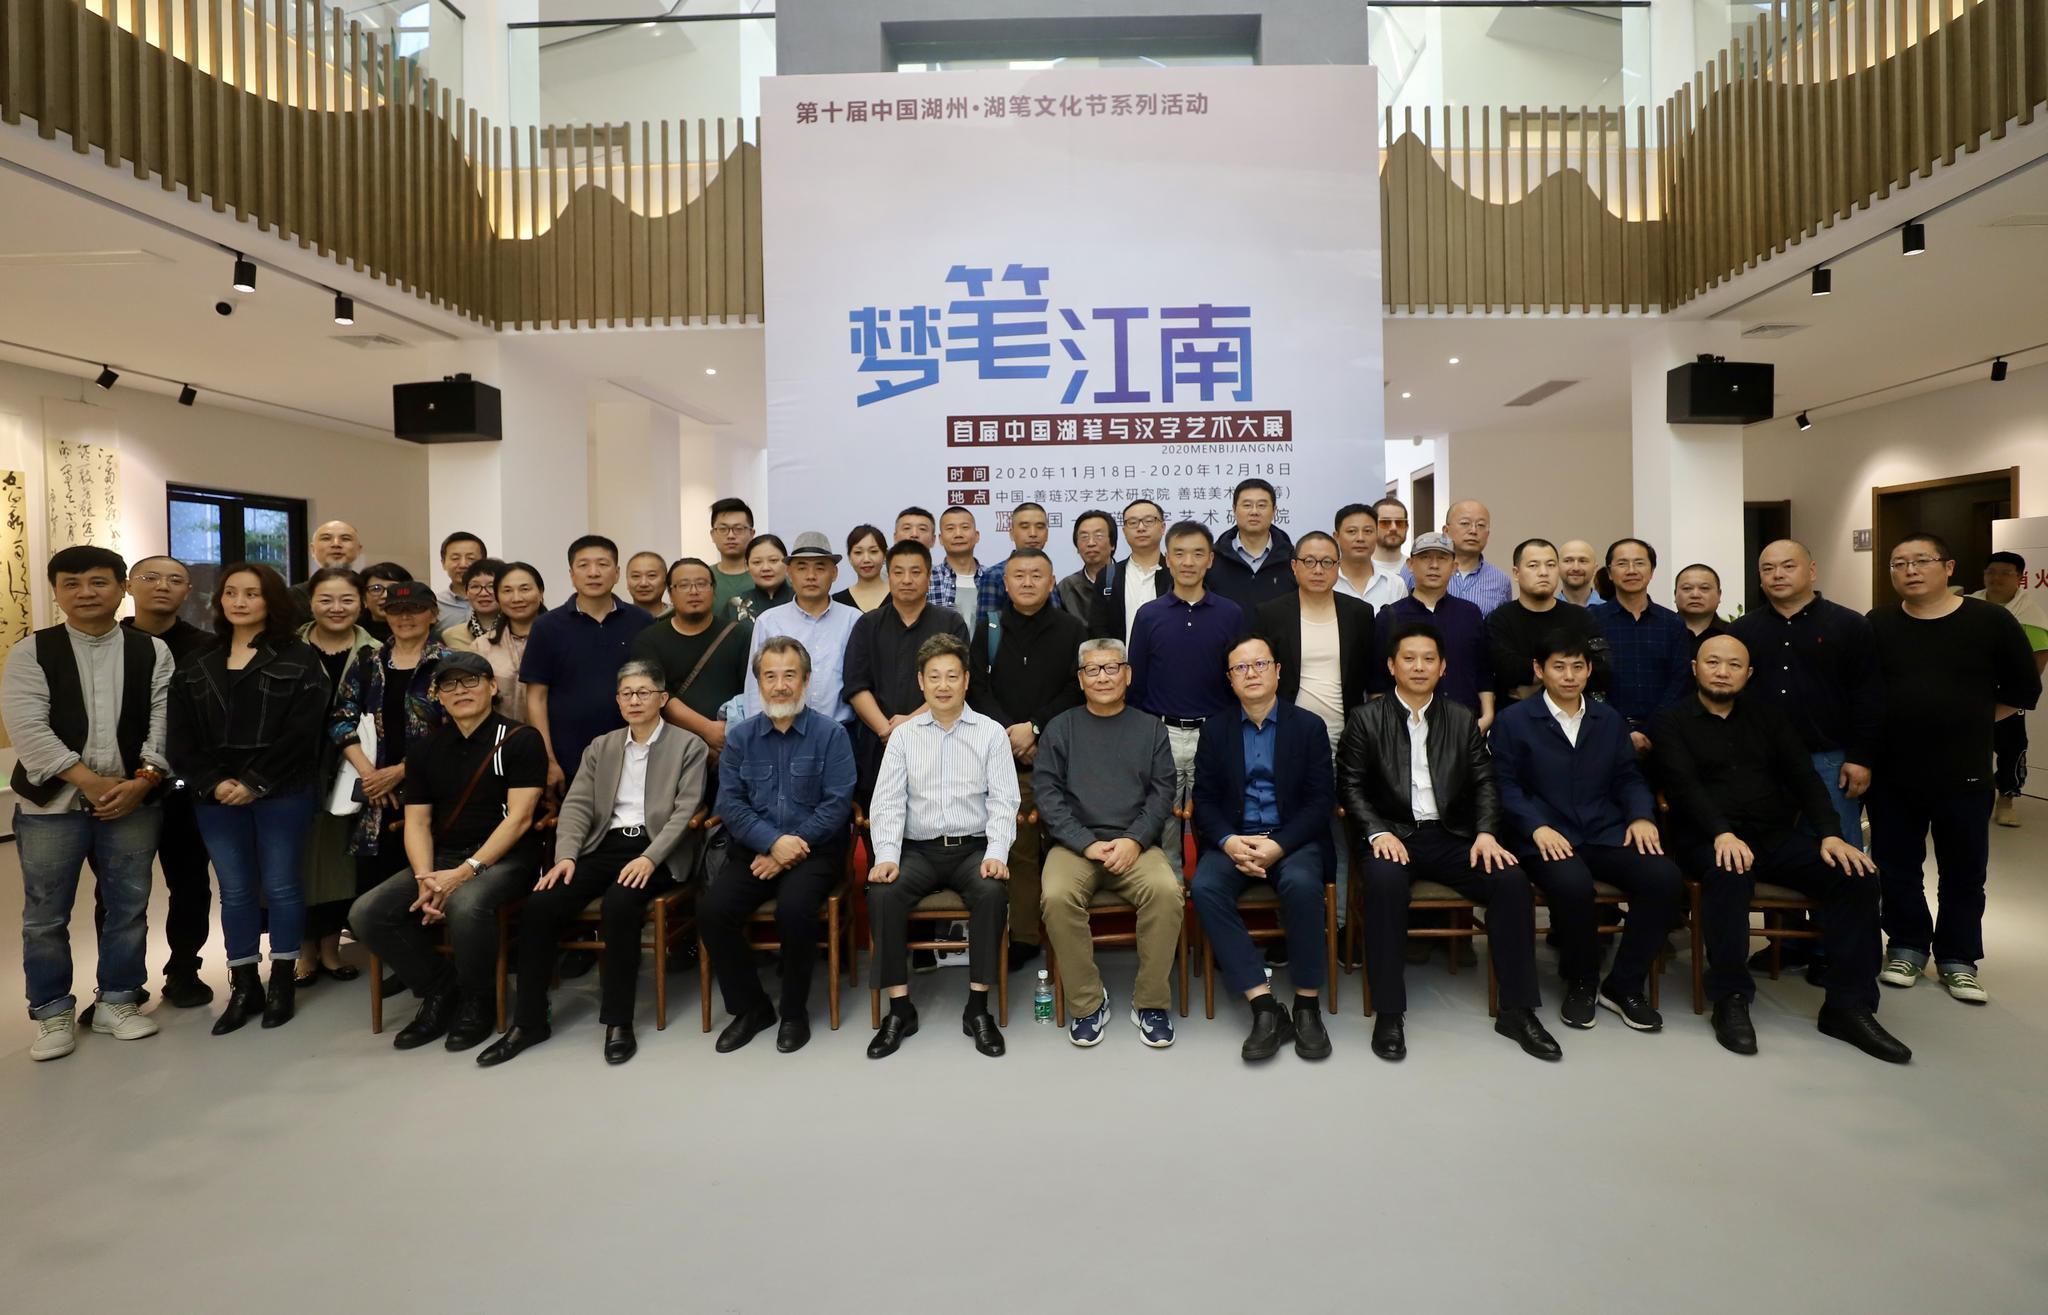 首届中国湖笔与汉字艺术大展在南浔举行